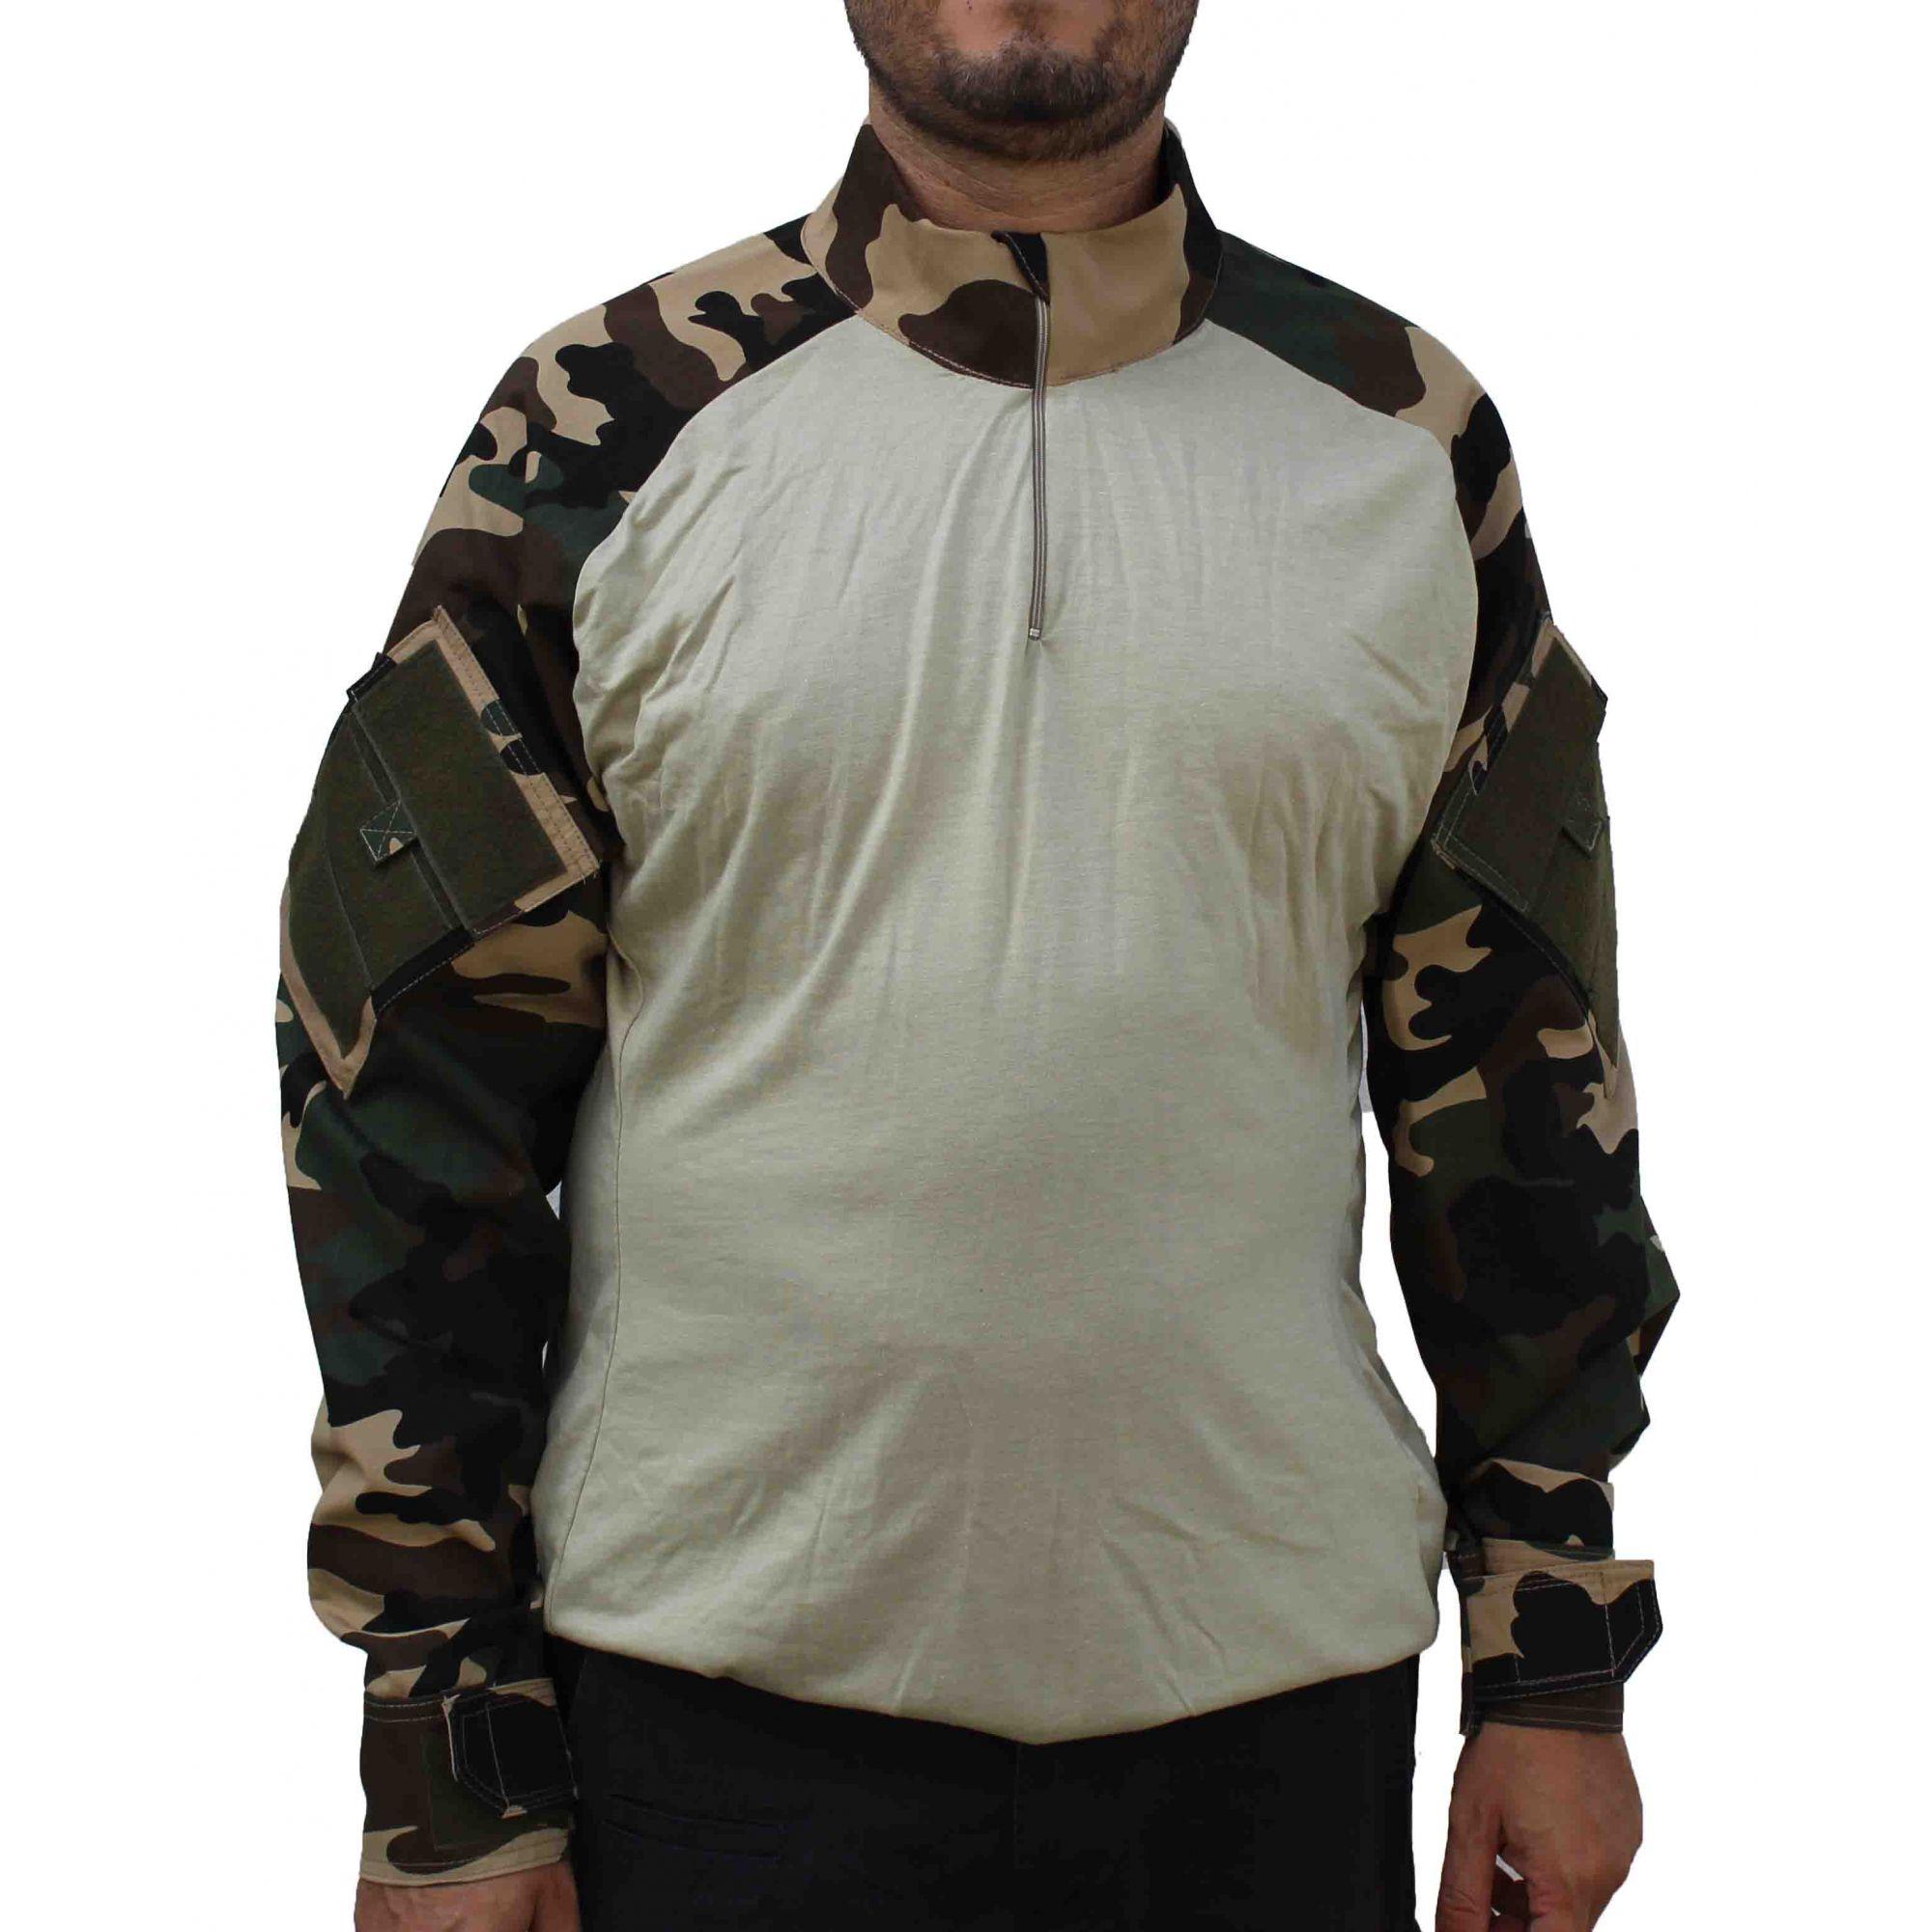 Combat Shirt Tática - Camuflado Francês